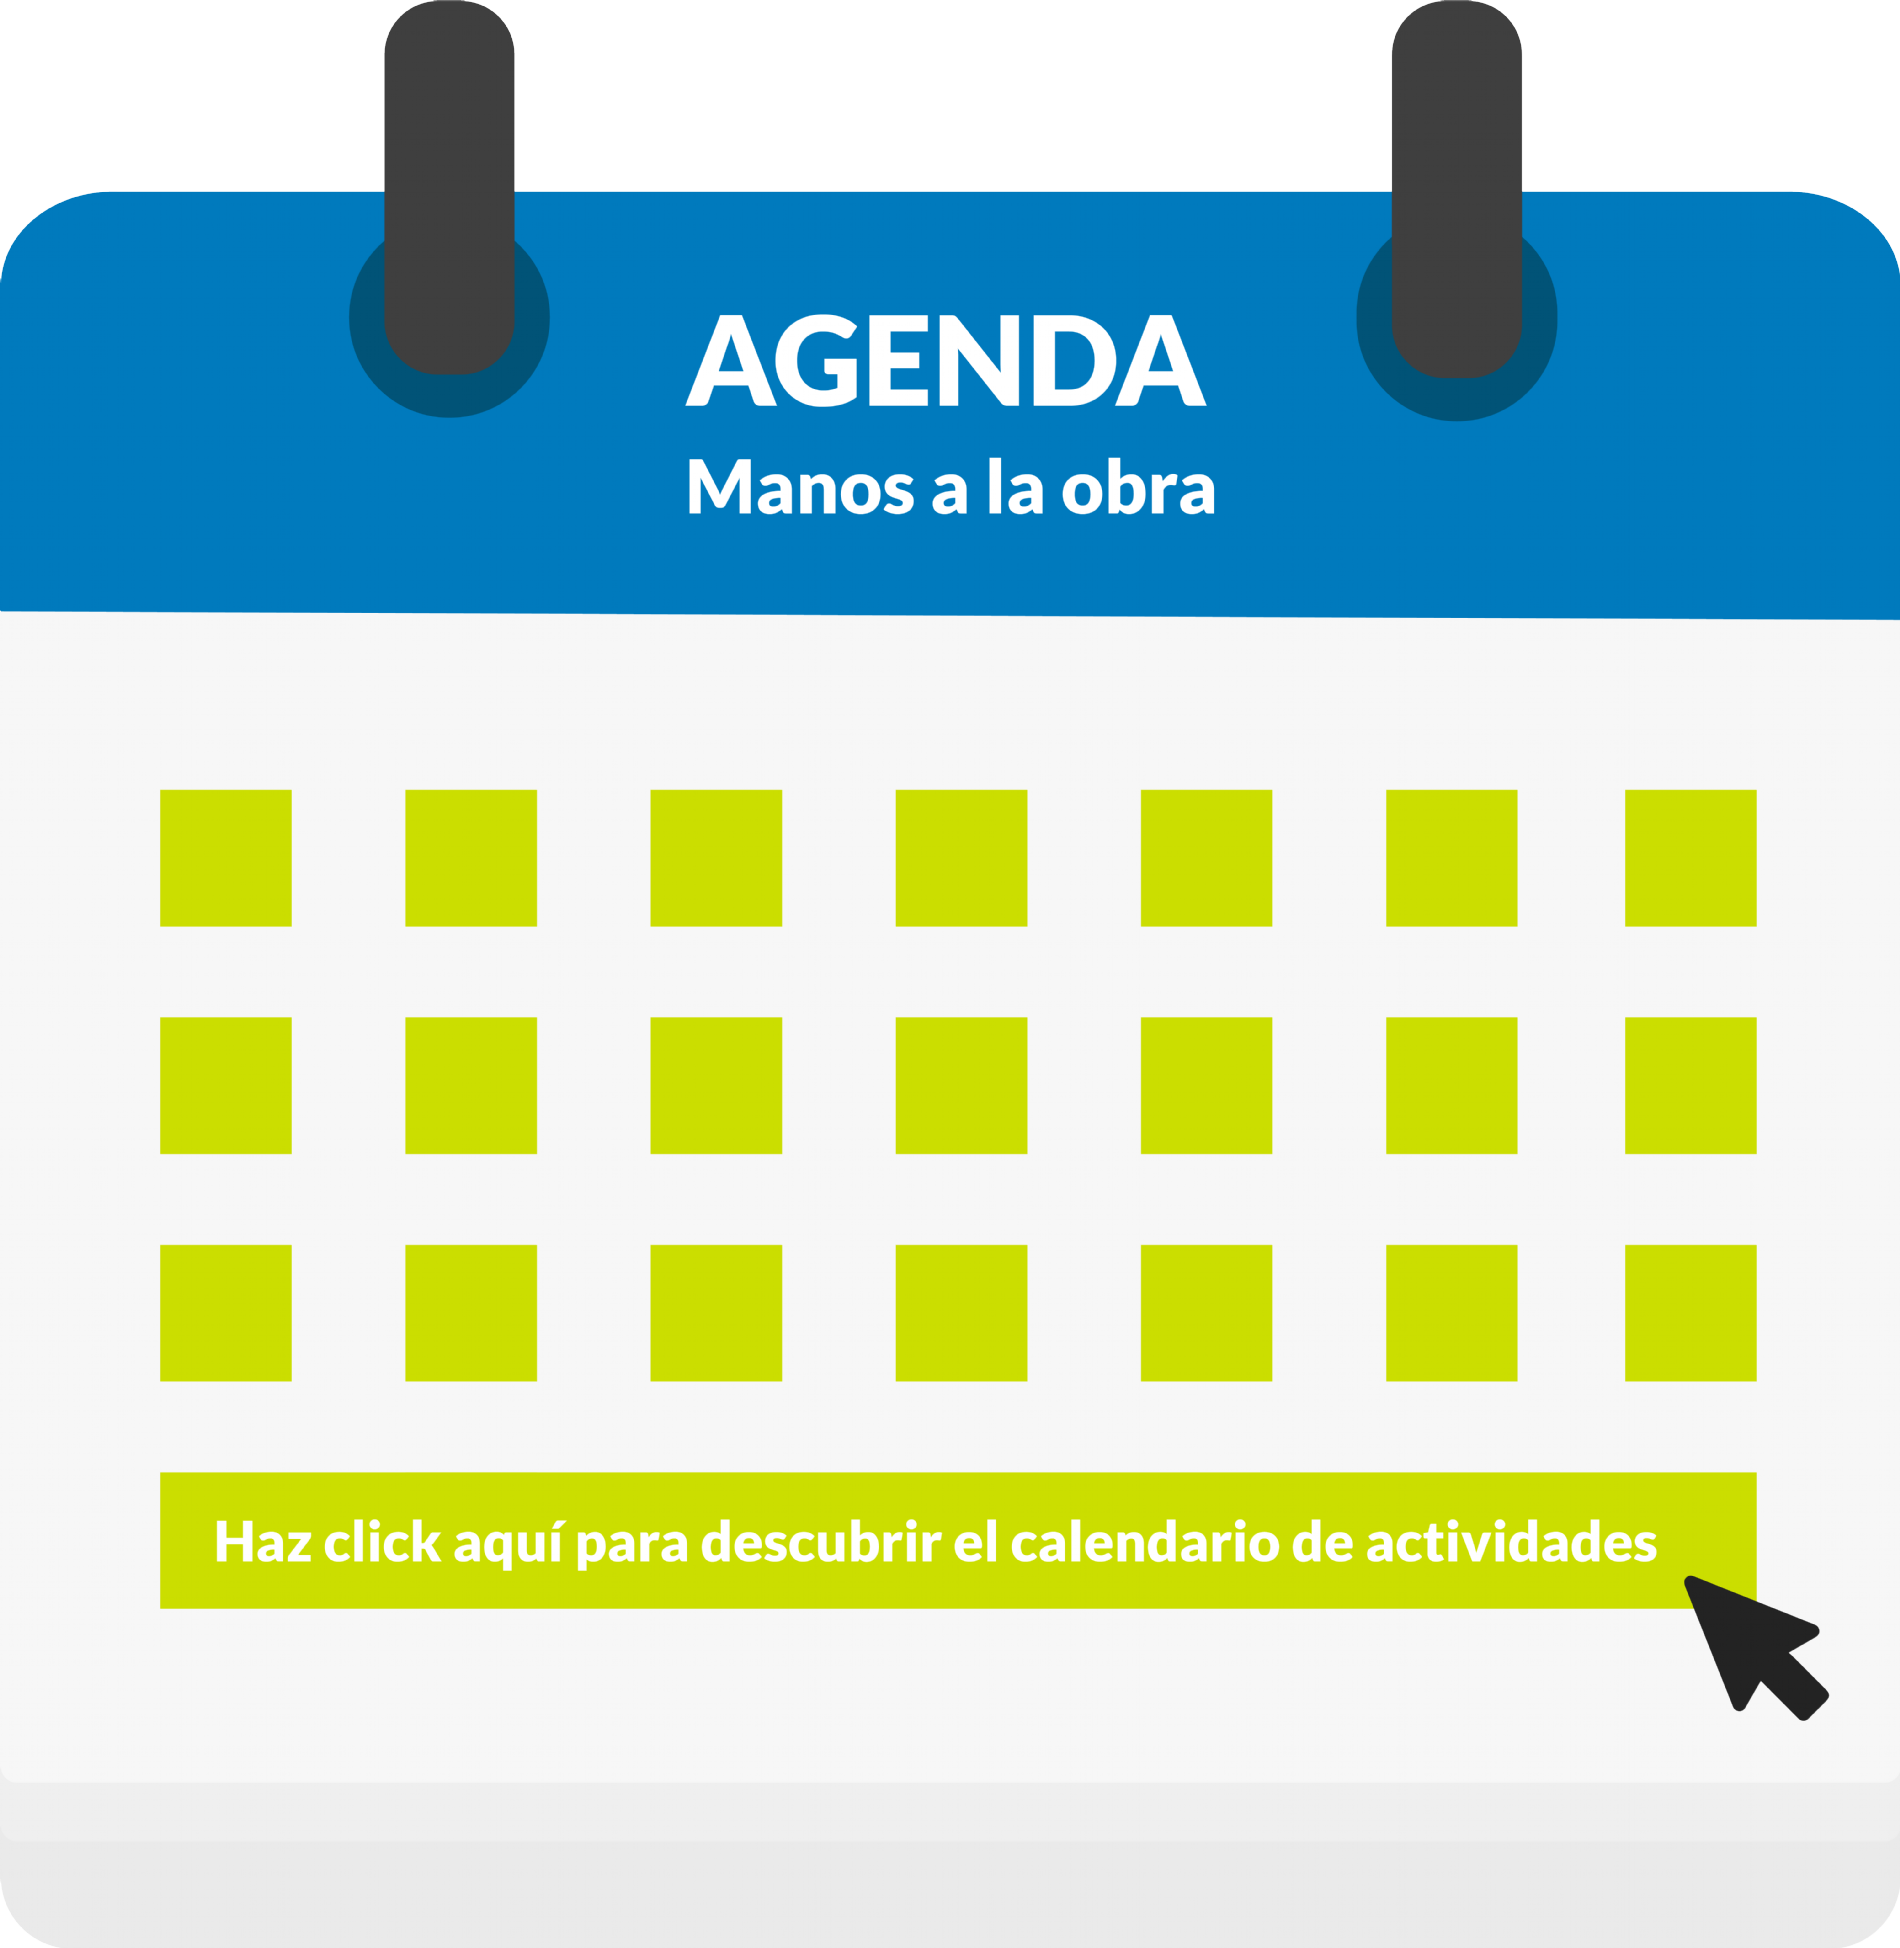 Agenda Campaña Manos a la Obra 2018